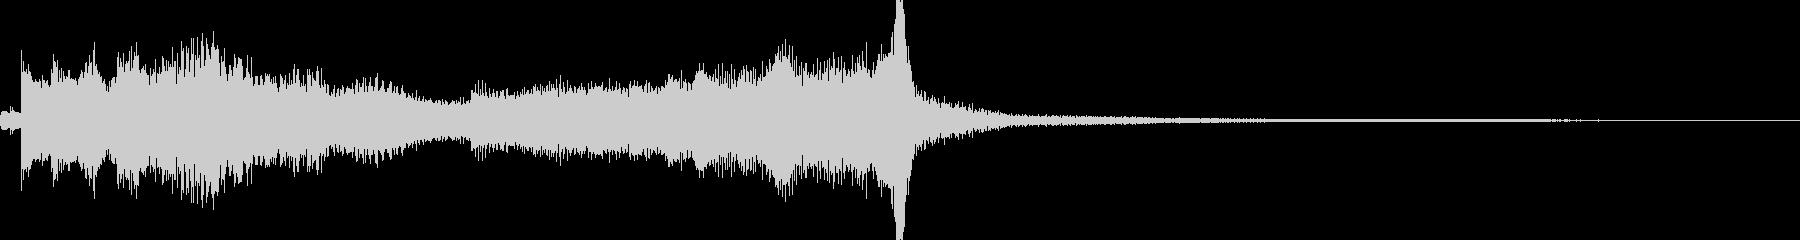 意気が沈むようなピアノジングルの未再生の波形